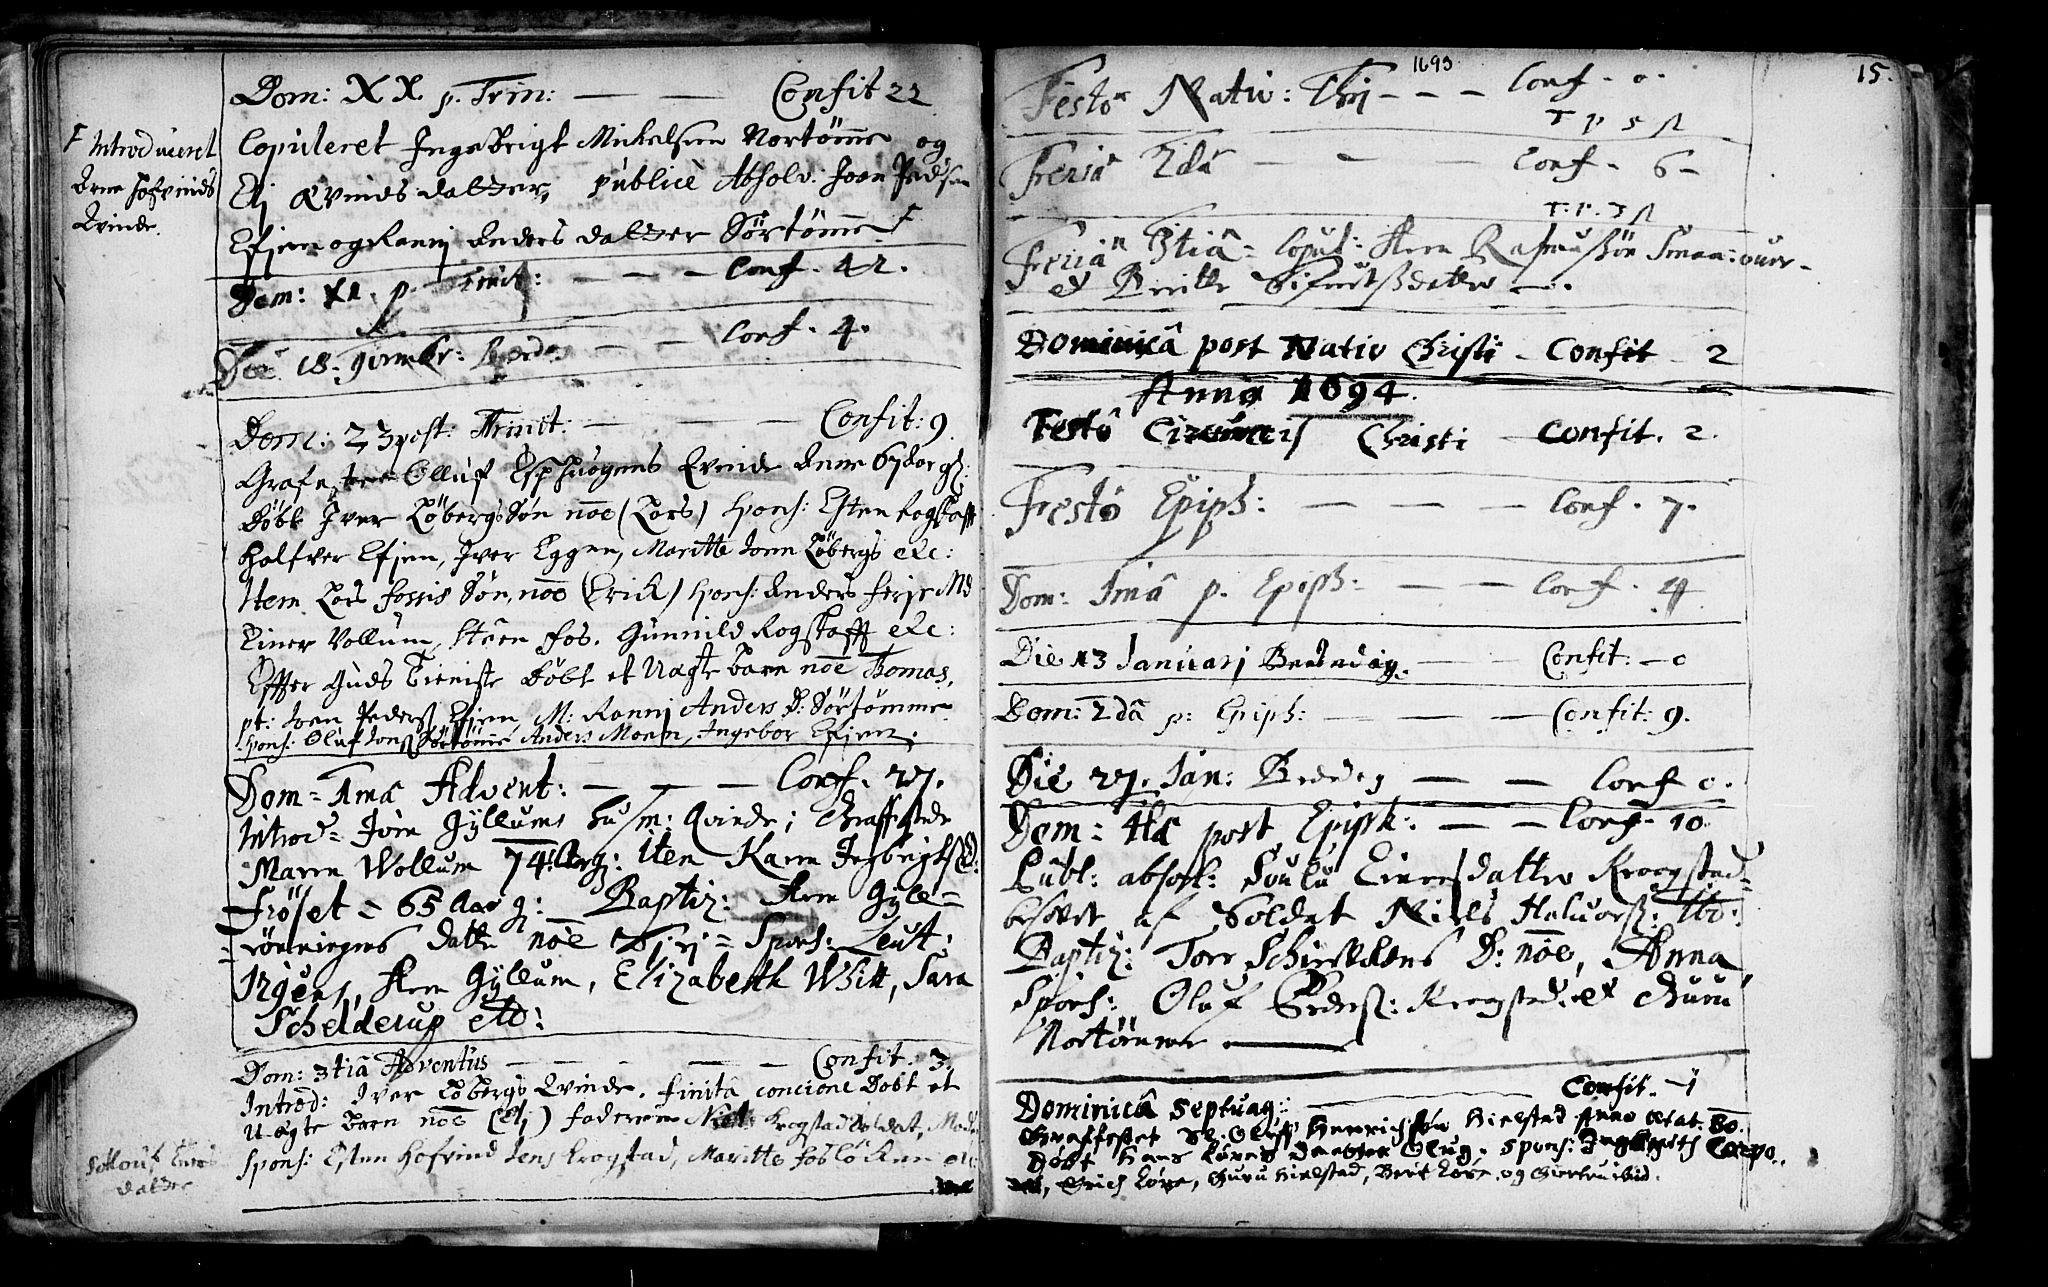 SAT, Ministerialprotokoller, klokkerbøker og fødselsregistre - Sør-Trøndelag, 692/L1101: Ministerialbok nr. 692A01, 1690-1746, s. 15